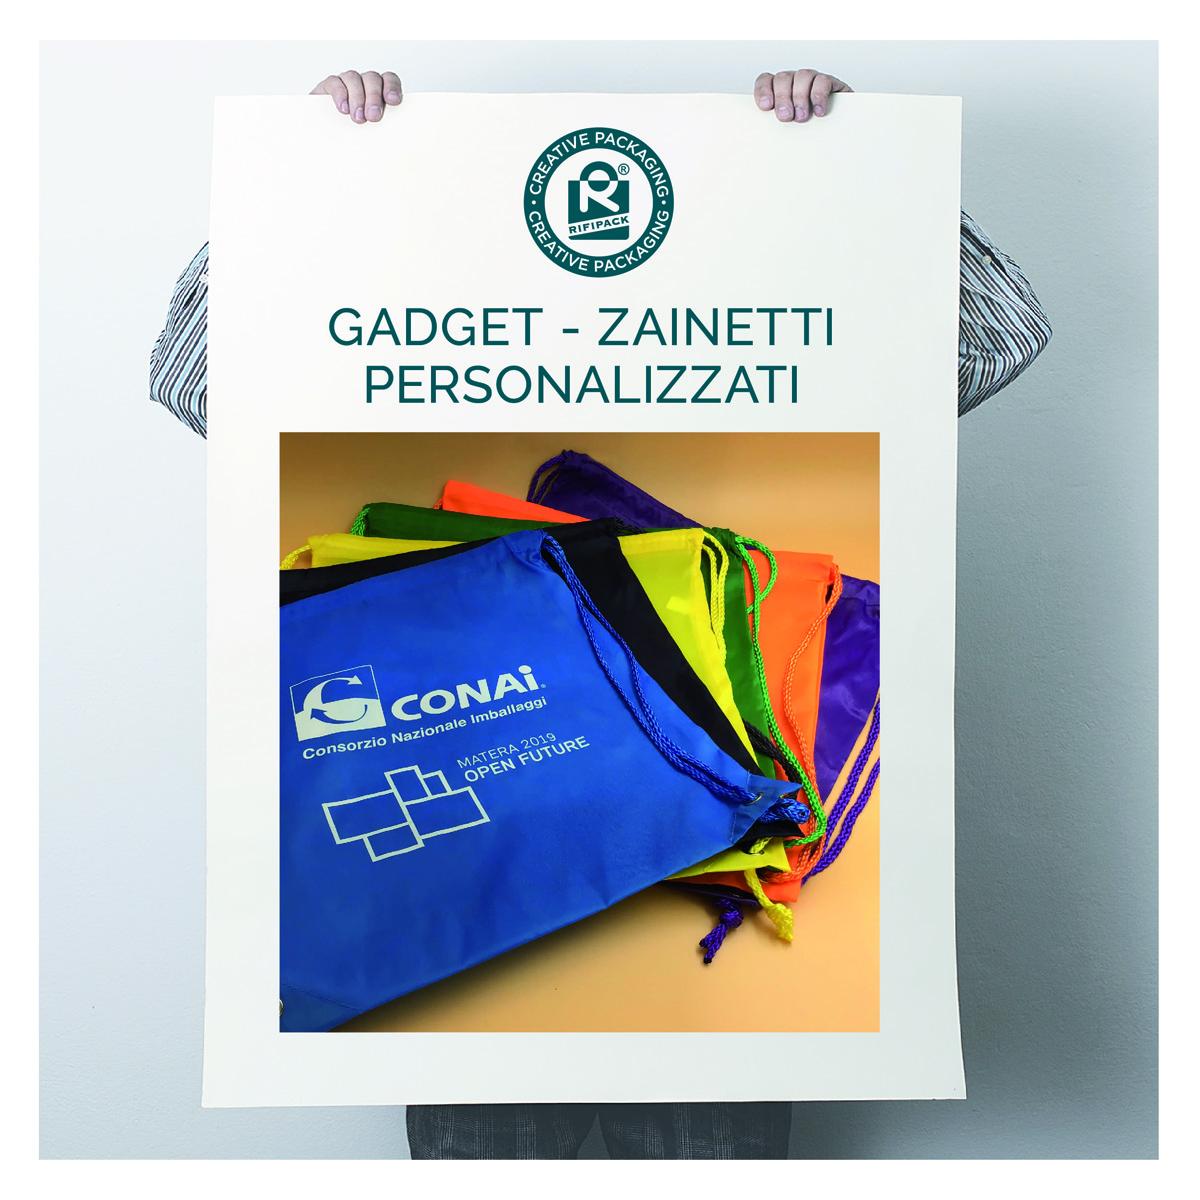 rifipack-gadget-gadgets-zaini-zainetti-personalizzati-colorati-1